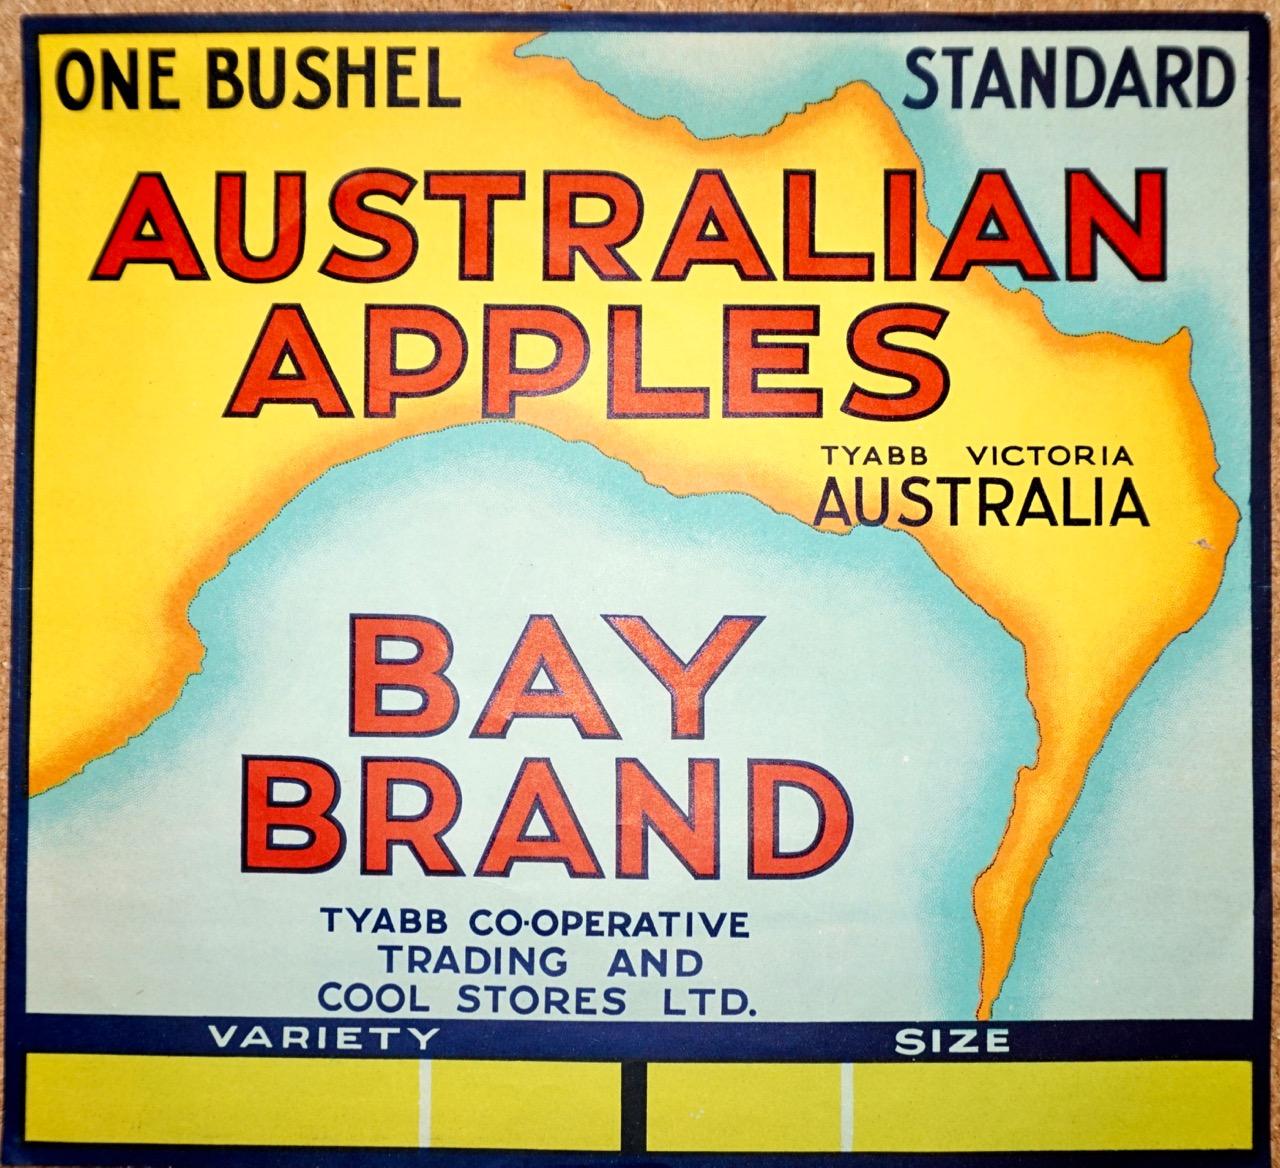 Bay Brand